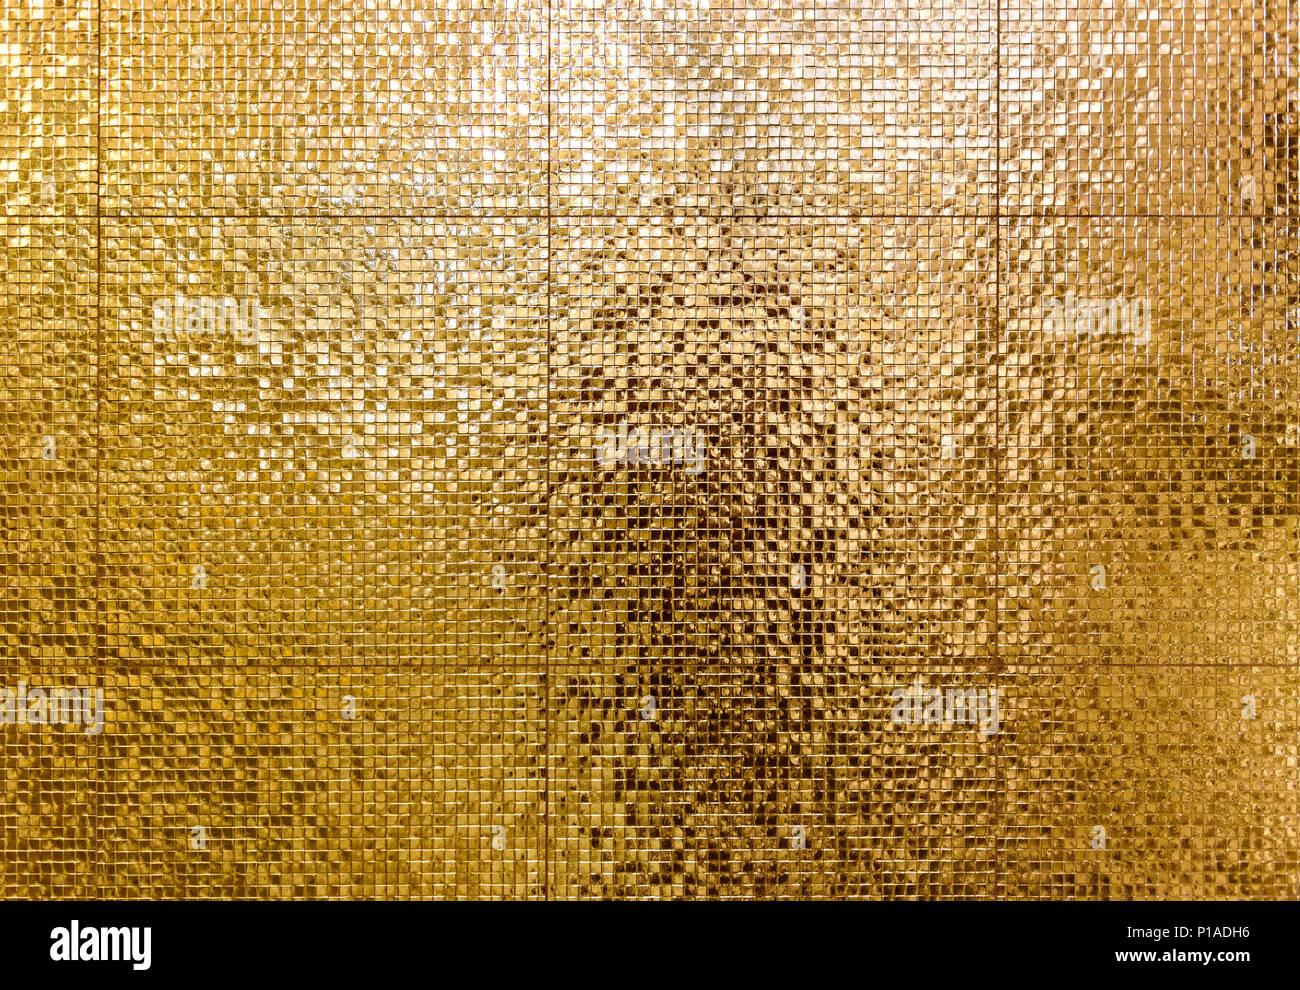 Luxus Gold Mosaikfliesen Hintergrund Für Bad Oder Toilette Textur. Golden  Glänzenden Fliesen Wand Muster. Hochauflösendes Foto.